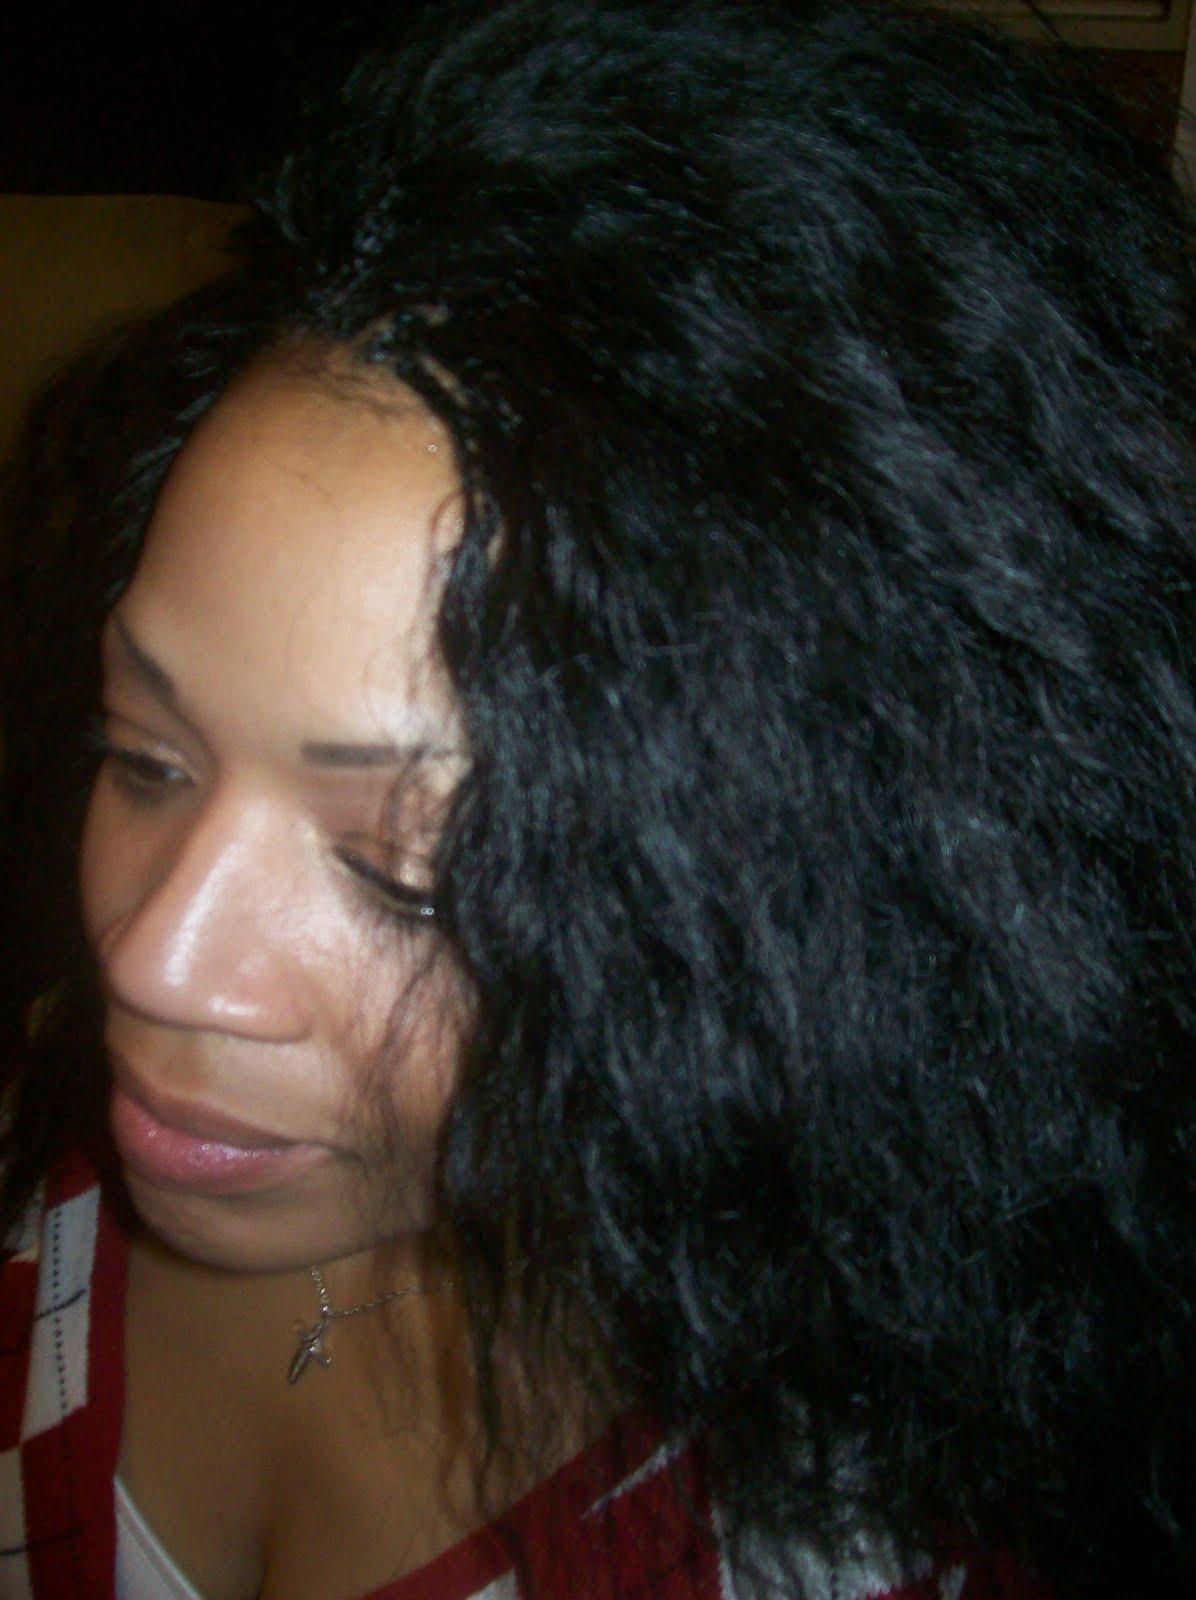 Hair Braiding in Oklahoma City Area: Hair Braiding in Oklahoma City ...